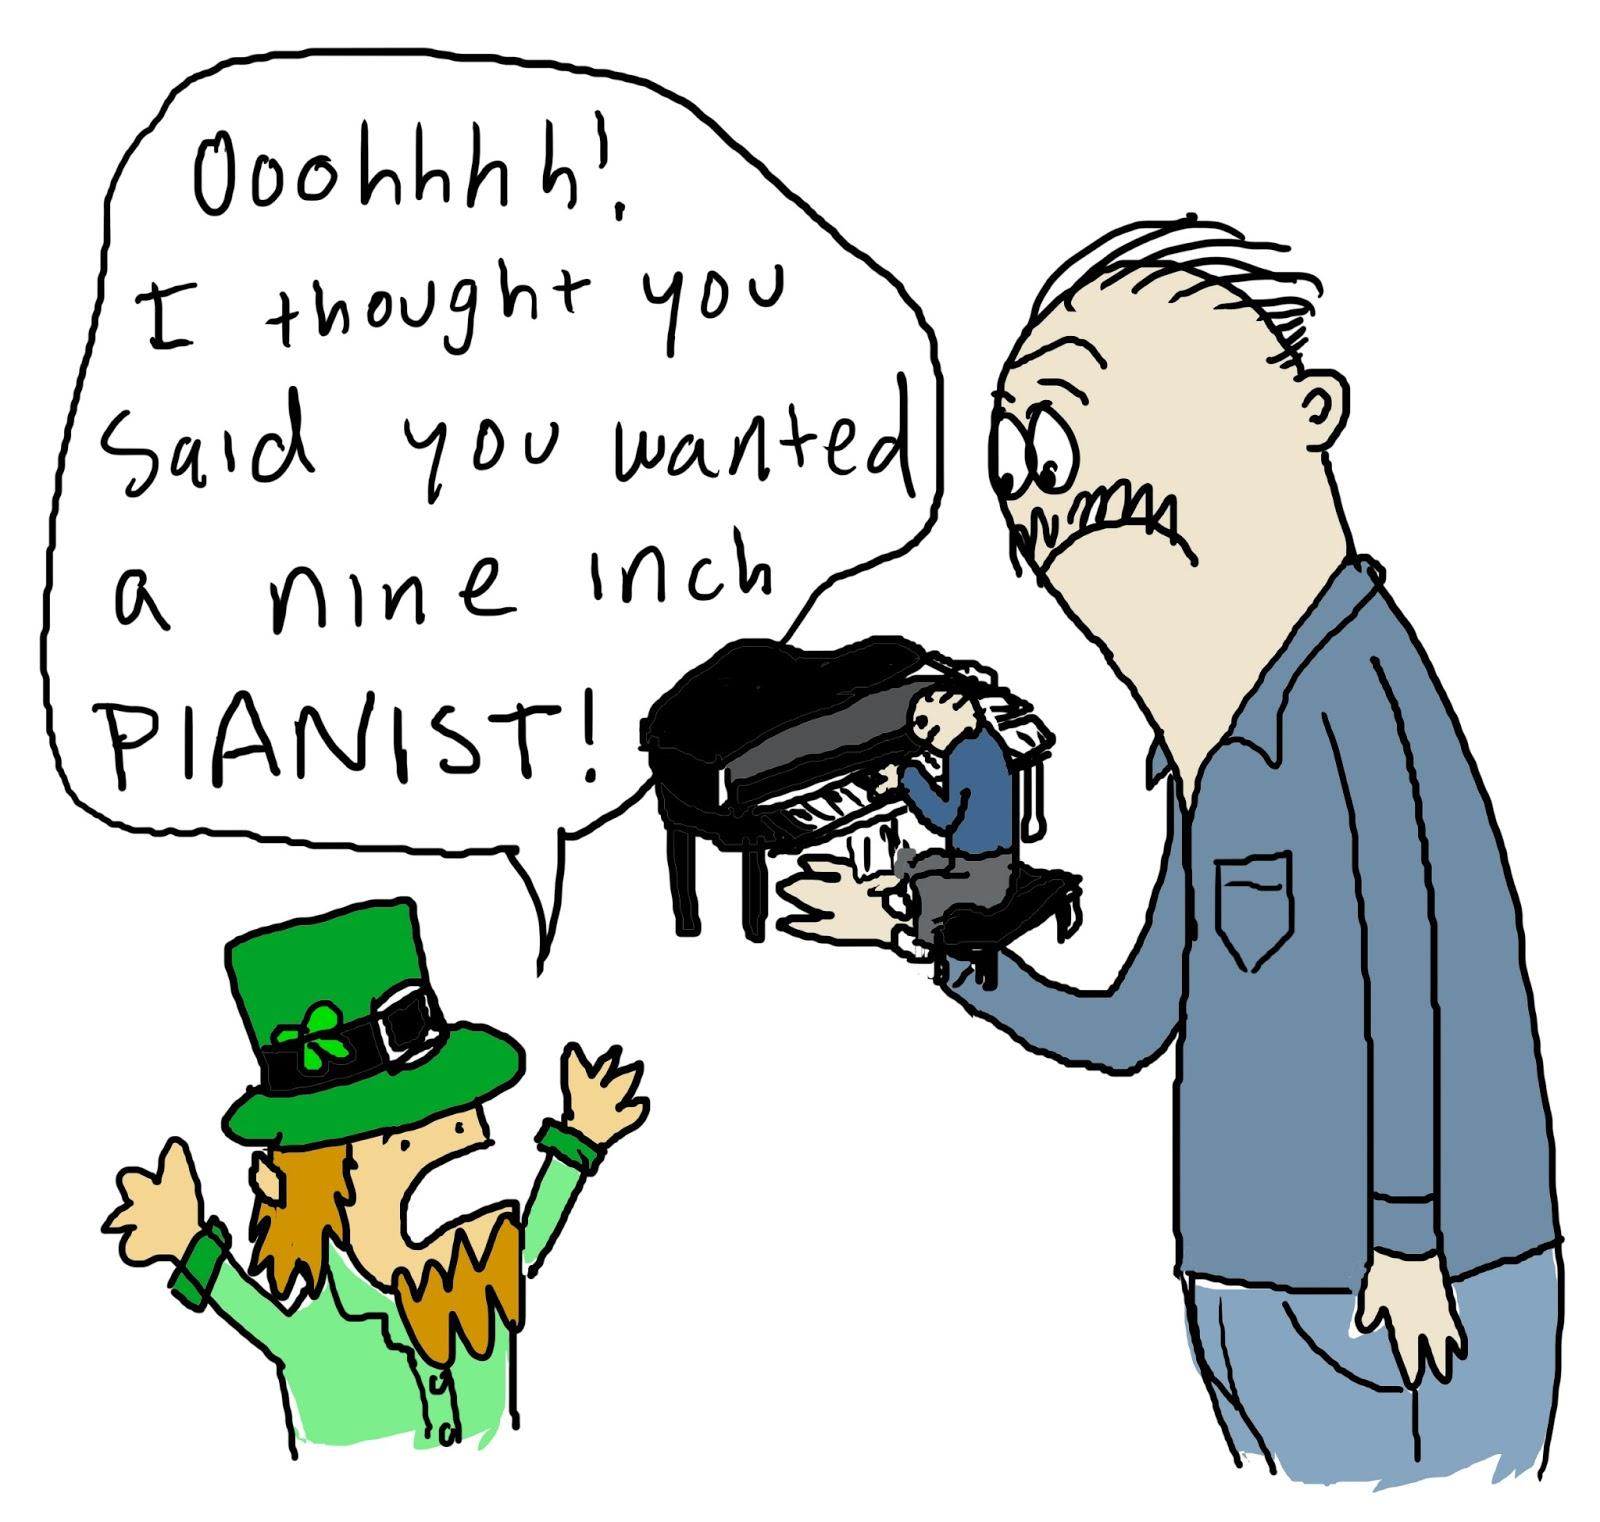 12 inch pianist joke